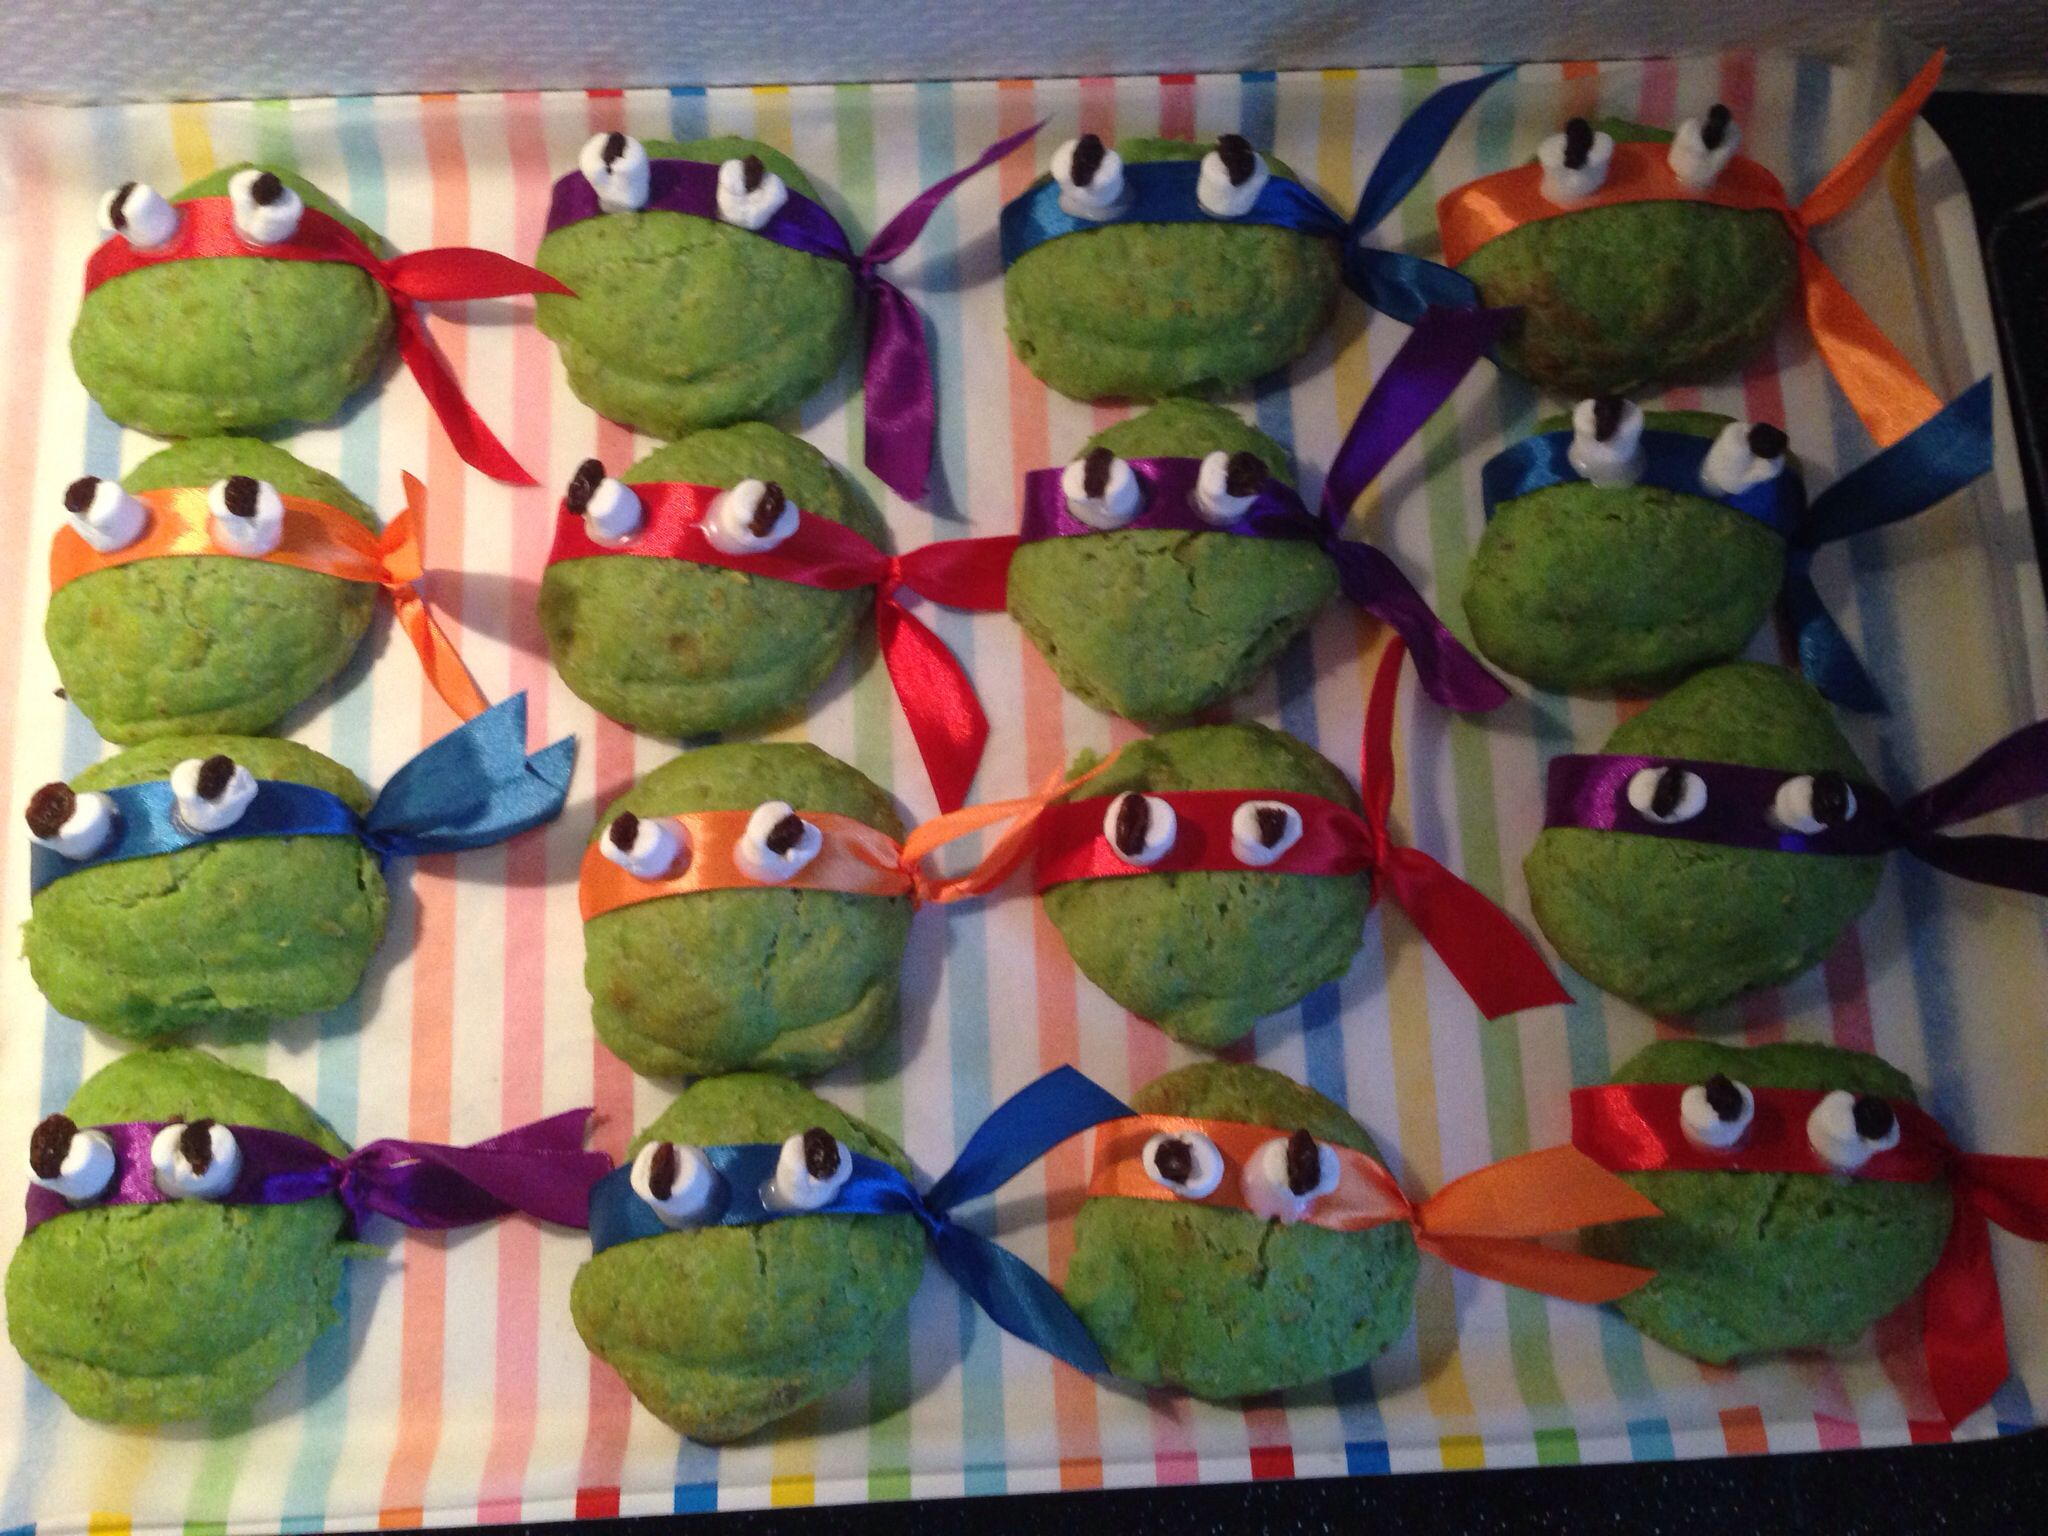 Ninja Turtles boller - alm boller + grøn frugtfarve, gavebånd fra Tiger, miniskumfiduser + rosiner som øjne sat fast med en klat glasur